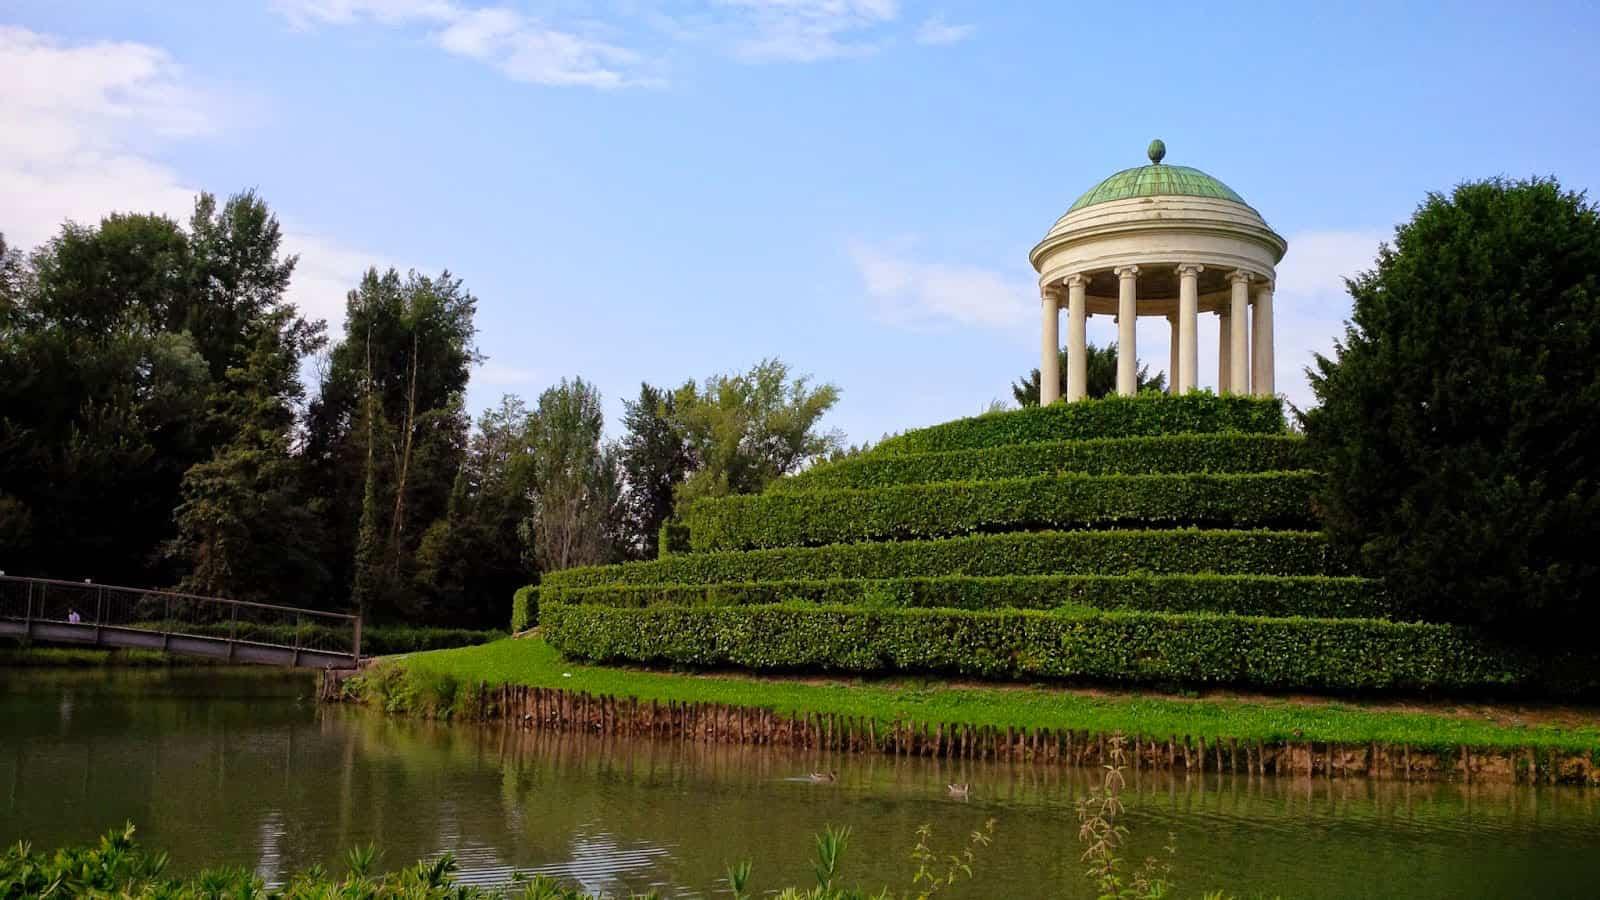 Vicenza - Parco Querini - tempietto neoclassico